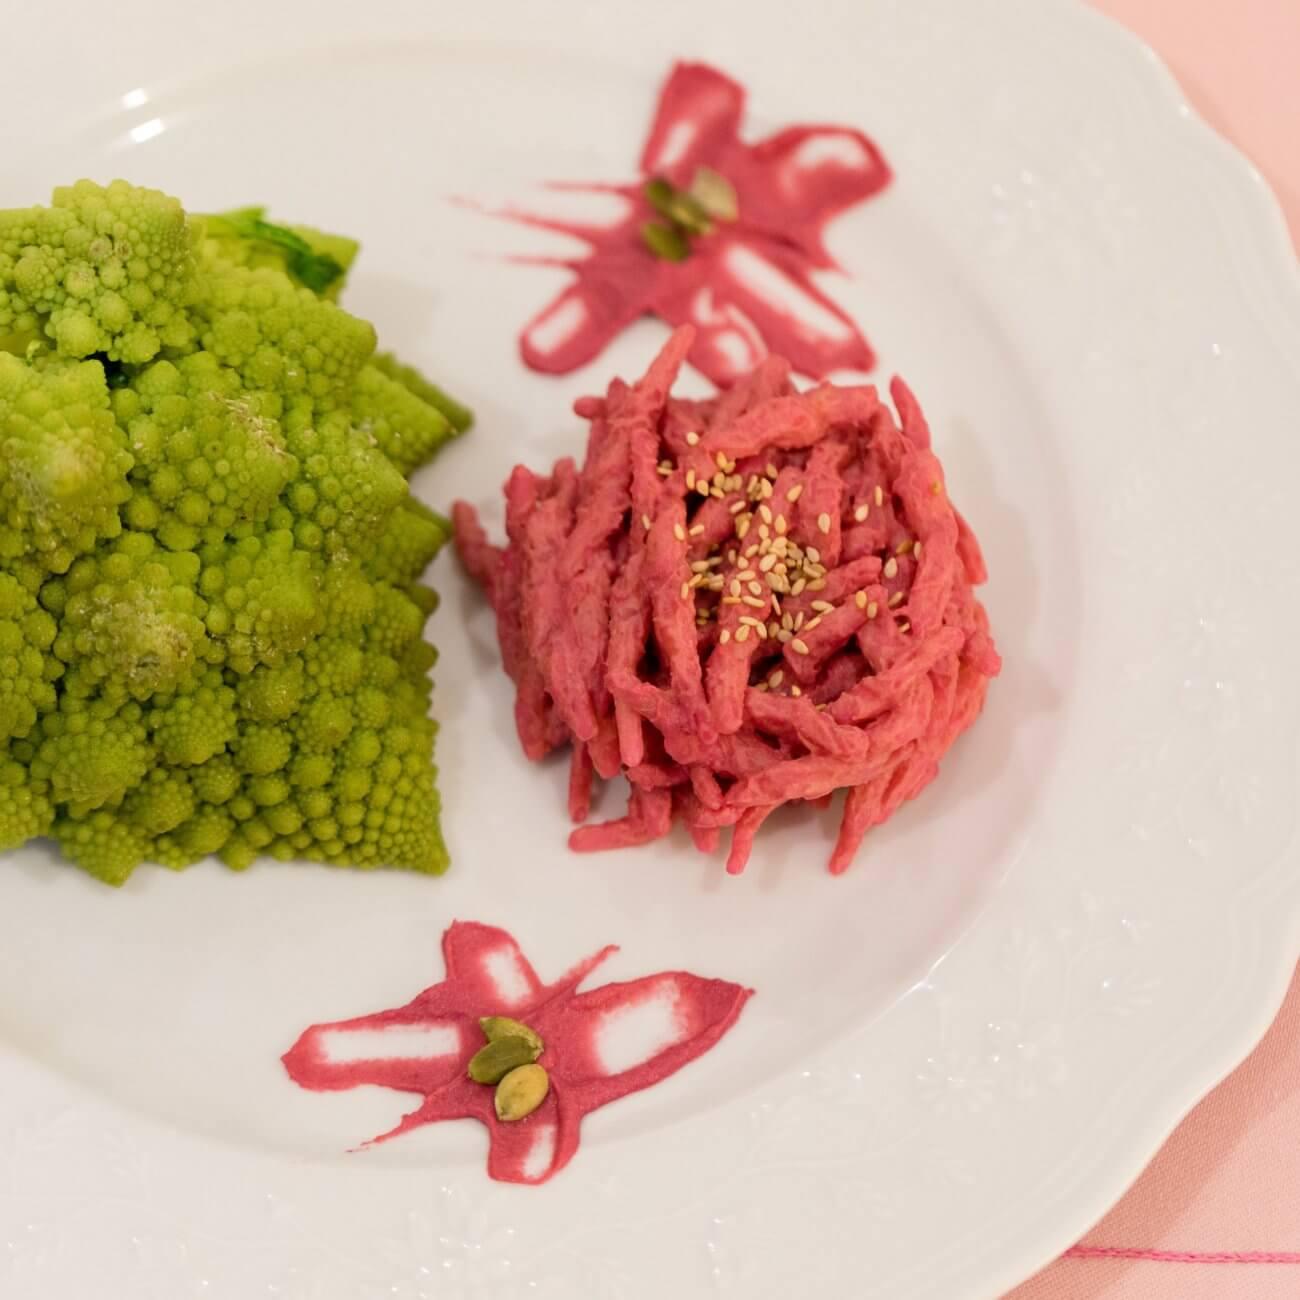 Trofie al pesto di broccolo romanesco e barbabietola